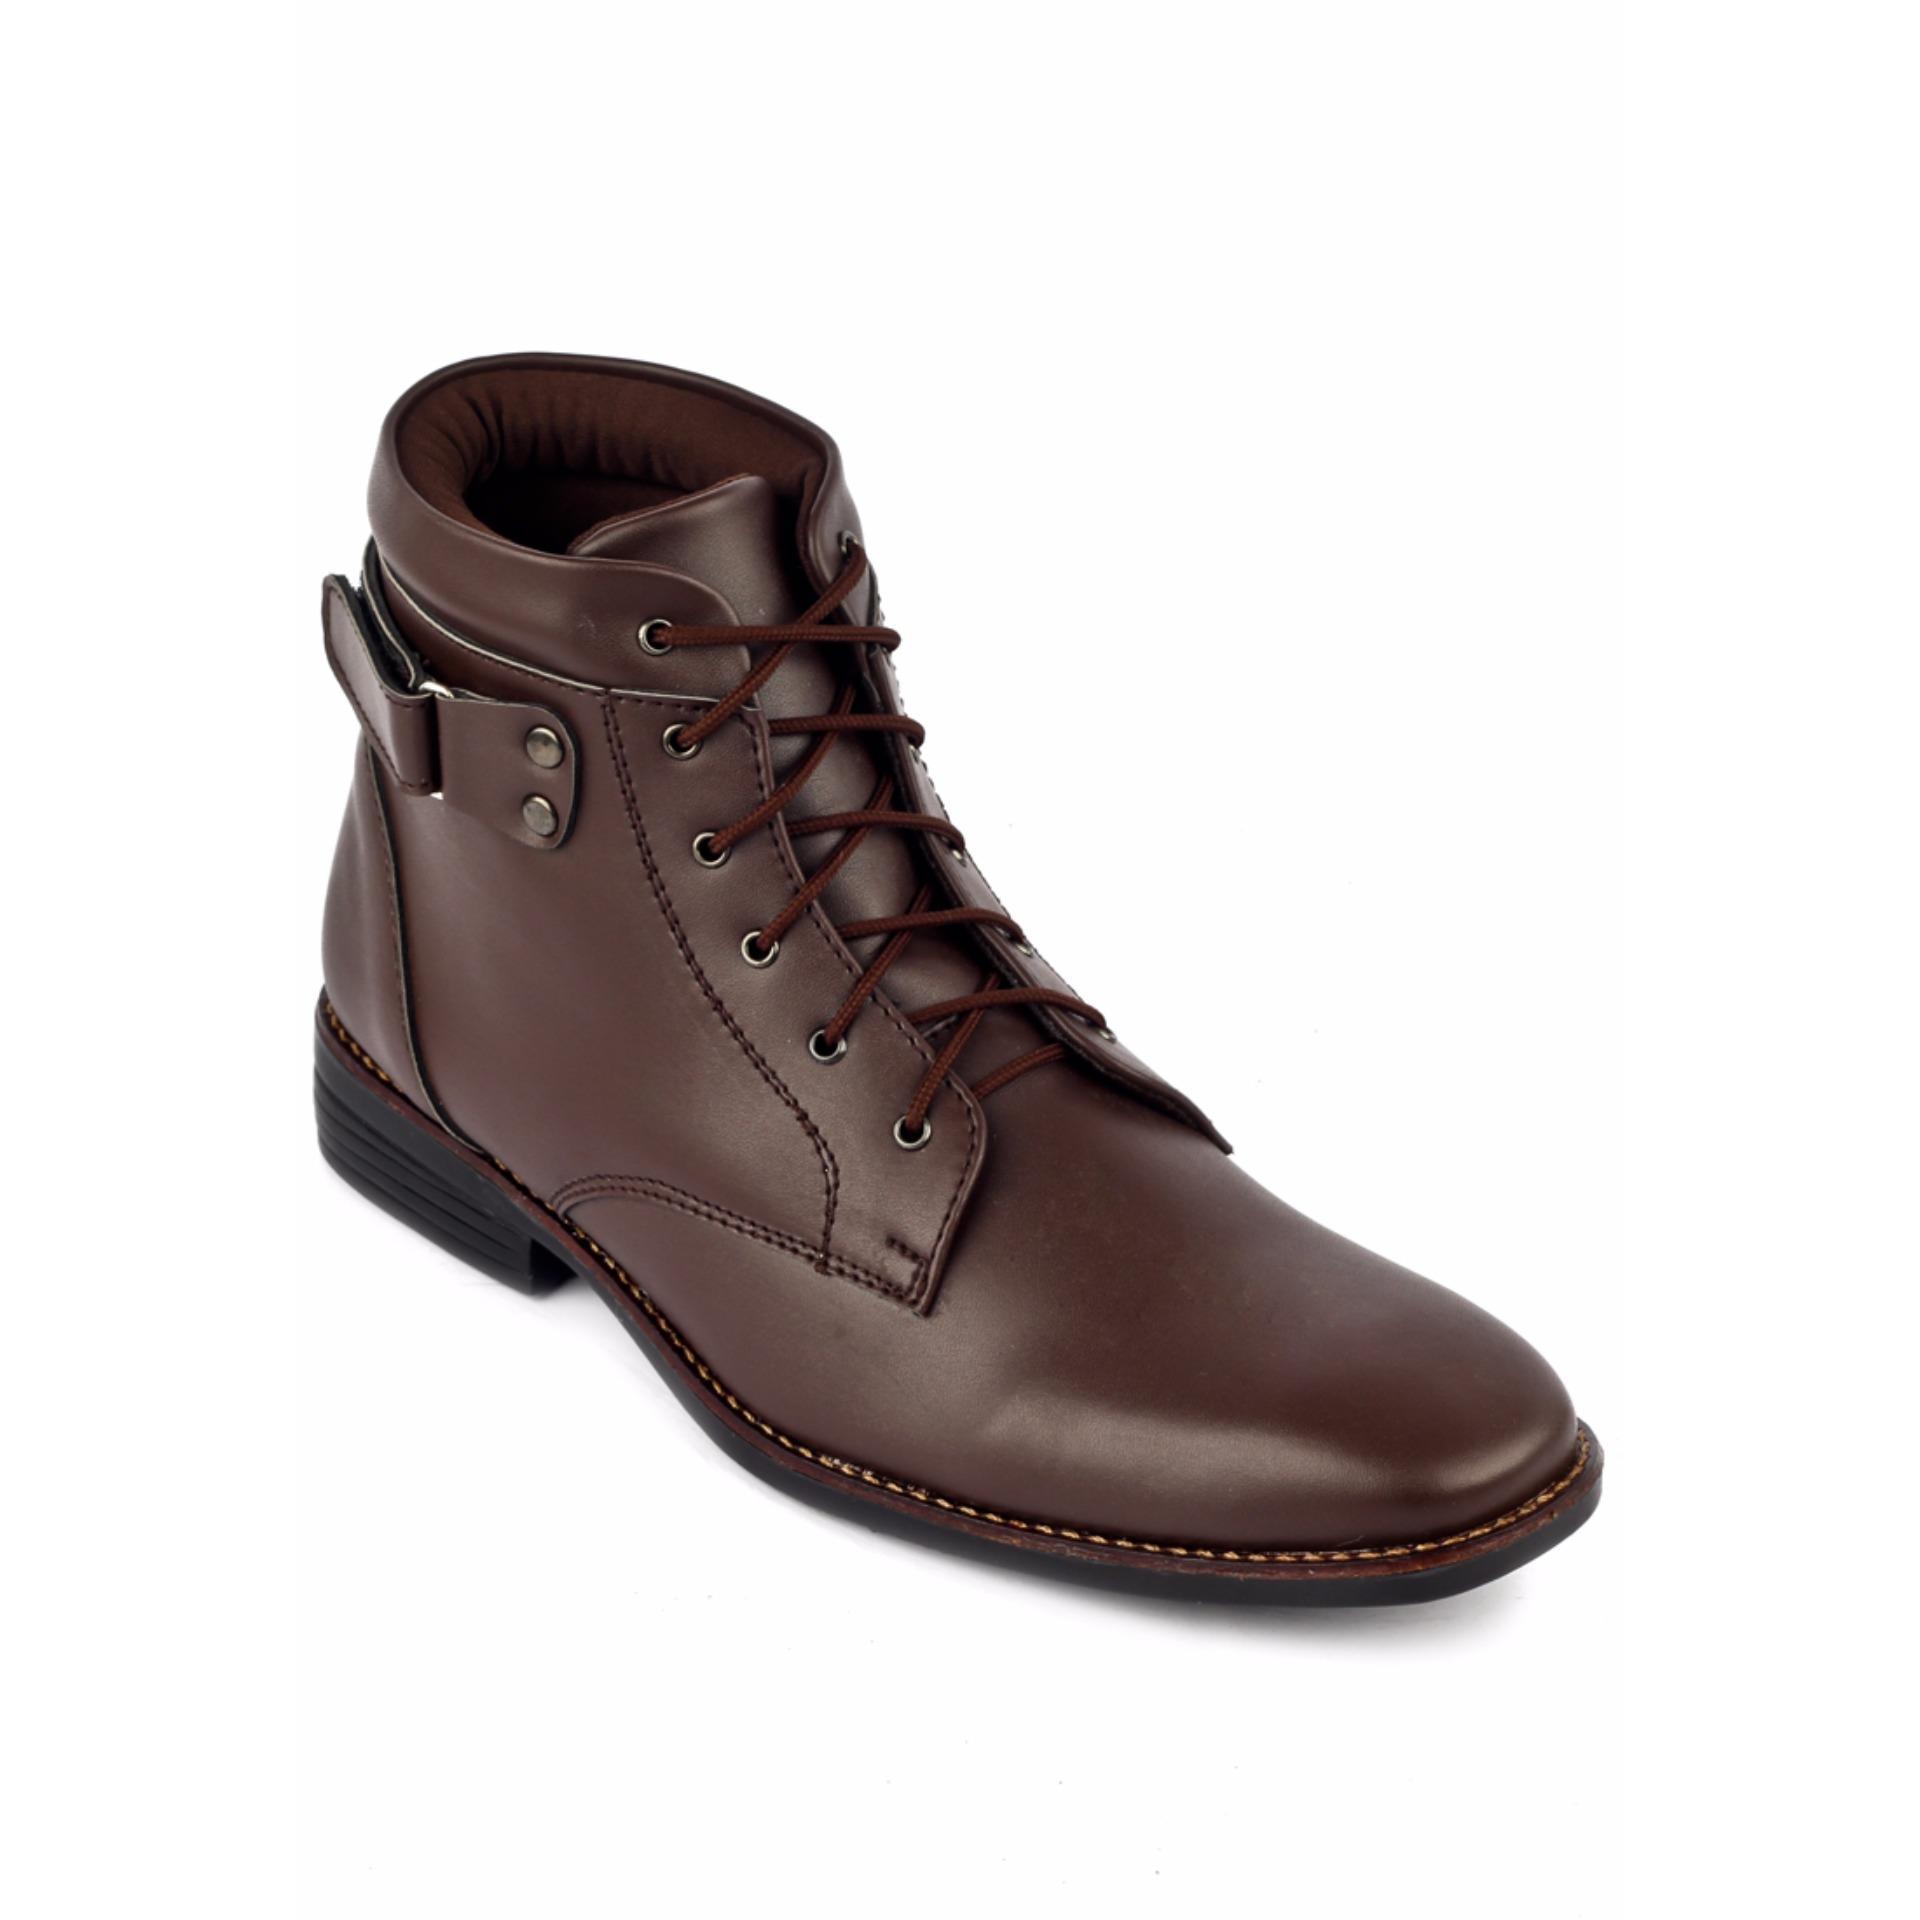 Beli Sepatu Pria Navara Street Boots Brown Navara Dengan Harga Terjangkau